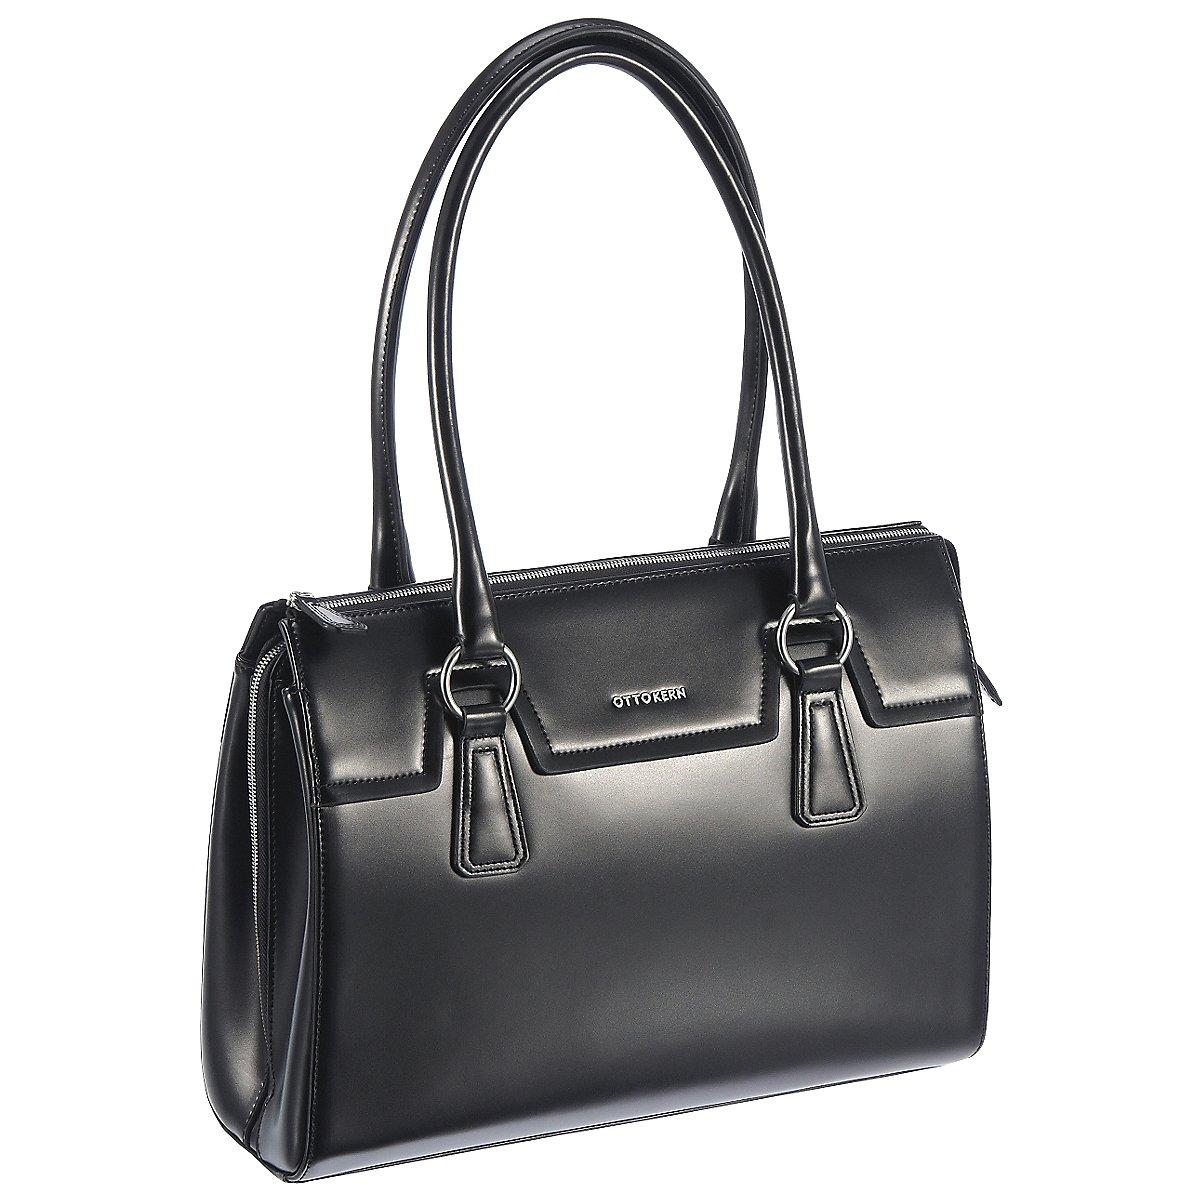 otto kern elegance businesstasche mit laptopfach 37 cm. Black Bedroom Furniture Sets. Home Design Ideas